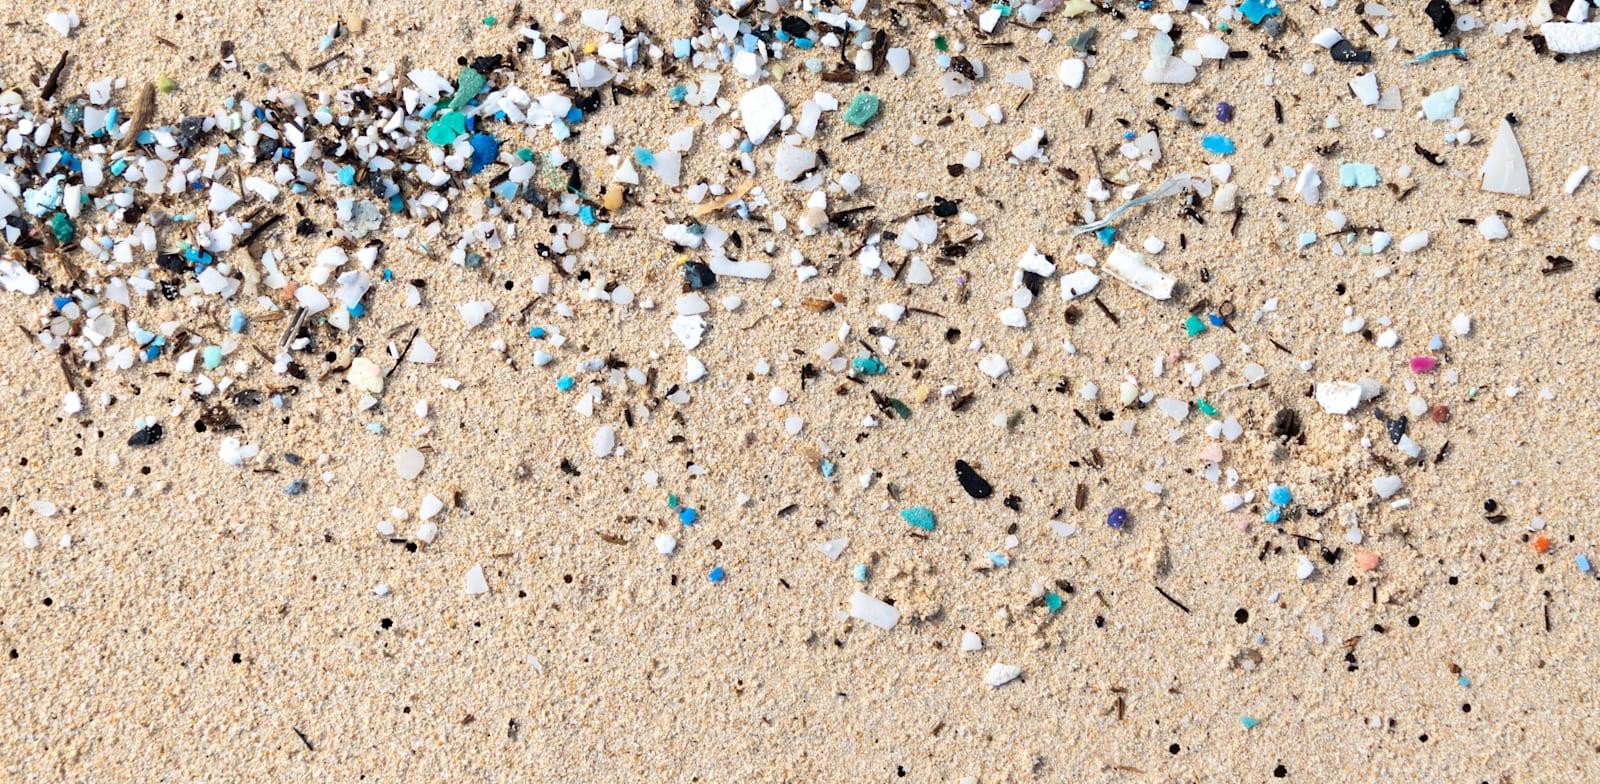 חלקיקי מיקרופלסטיק שנשטפו לחוף / צילום: Shutterstock